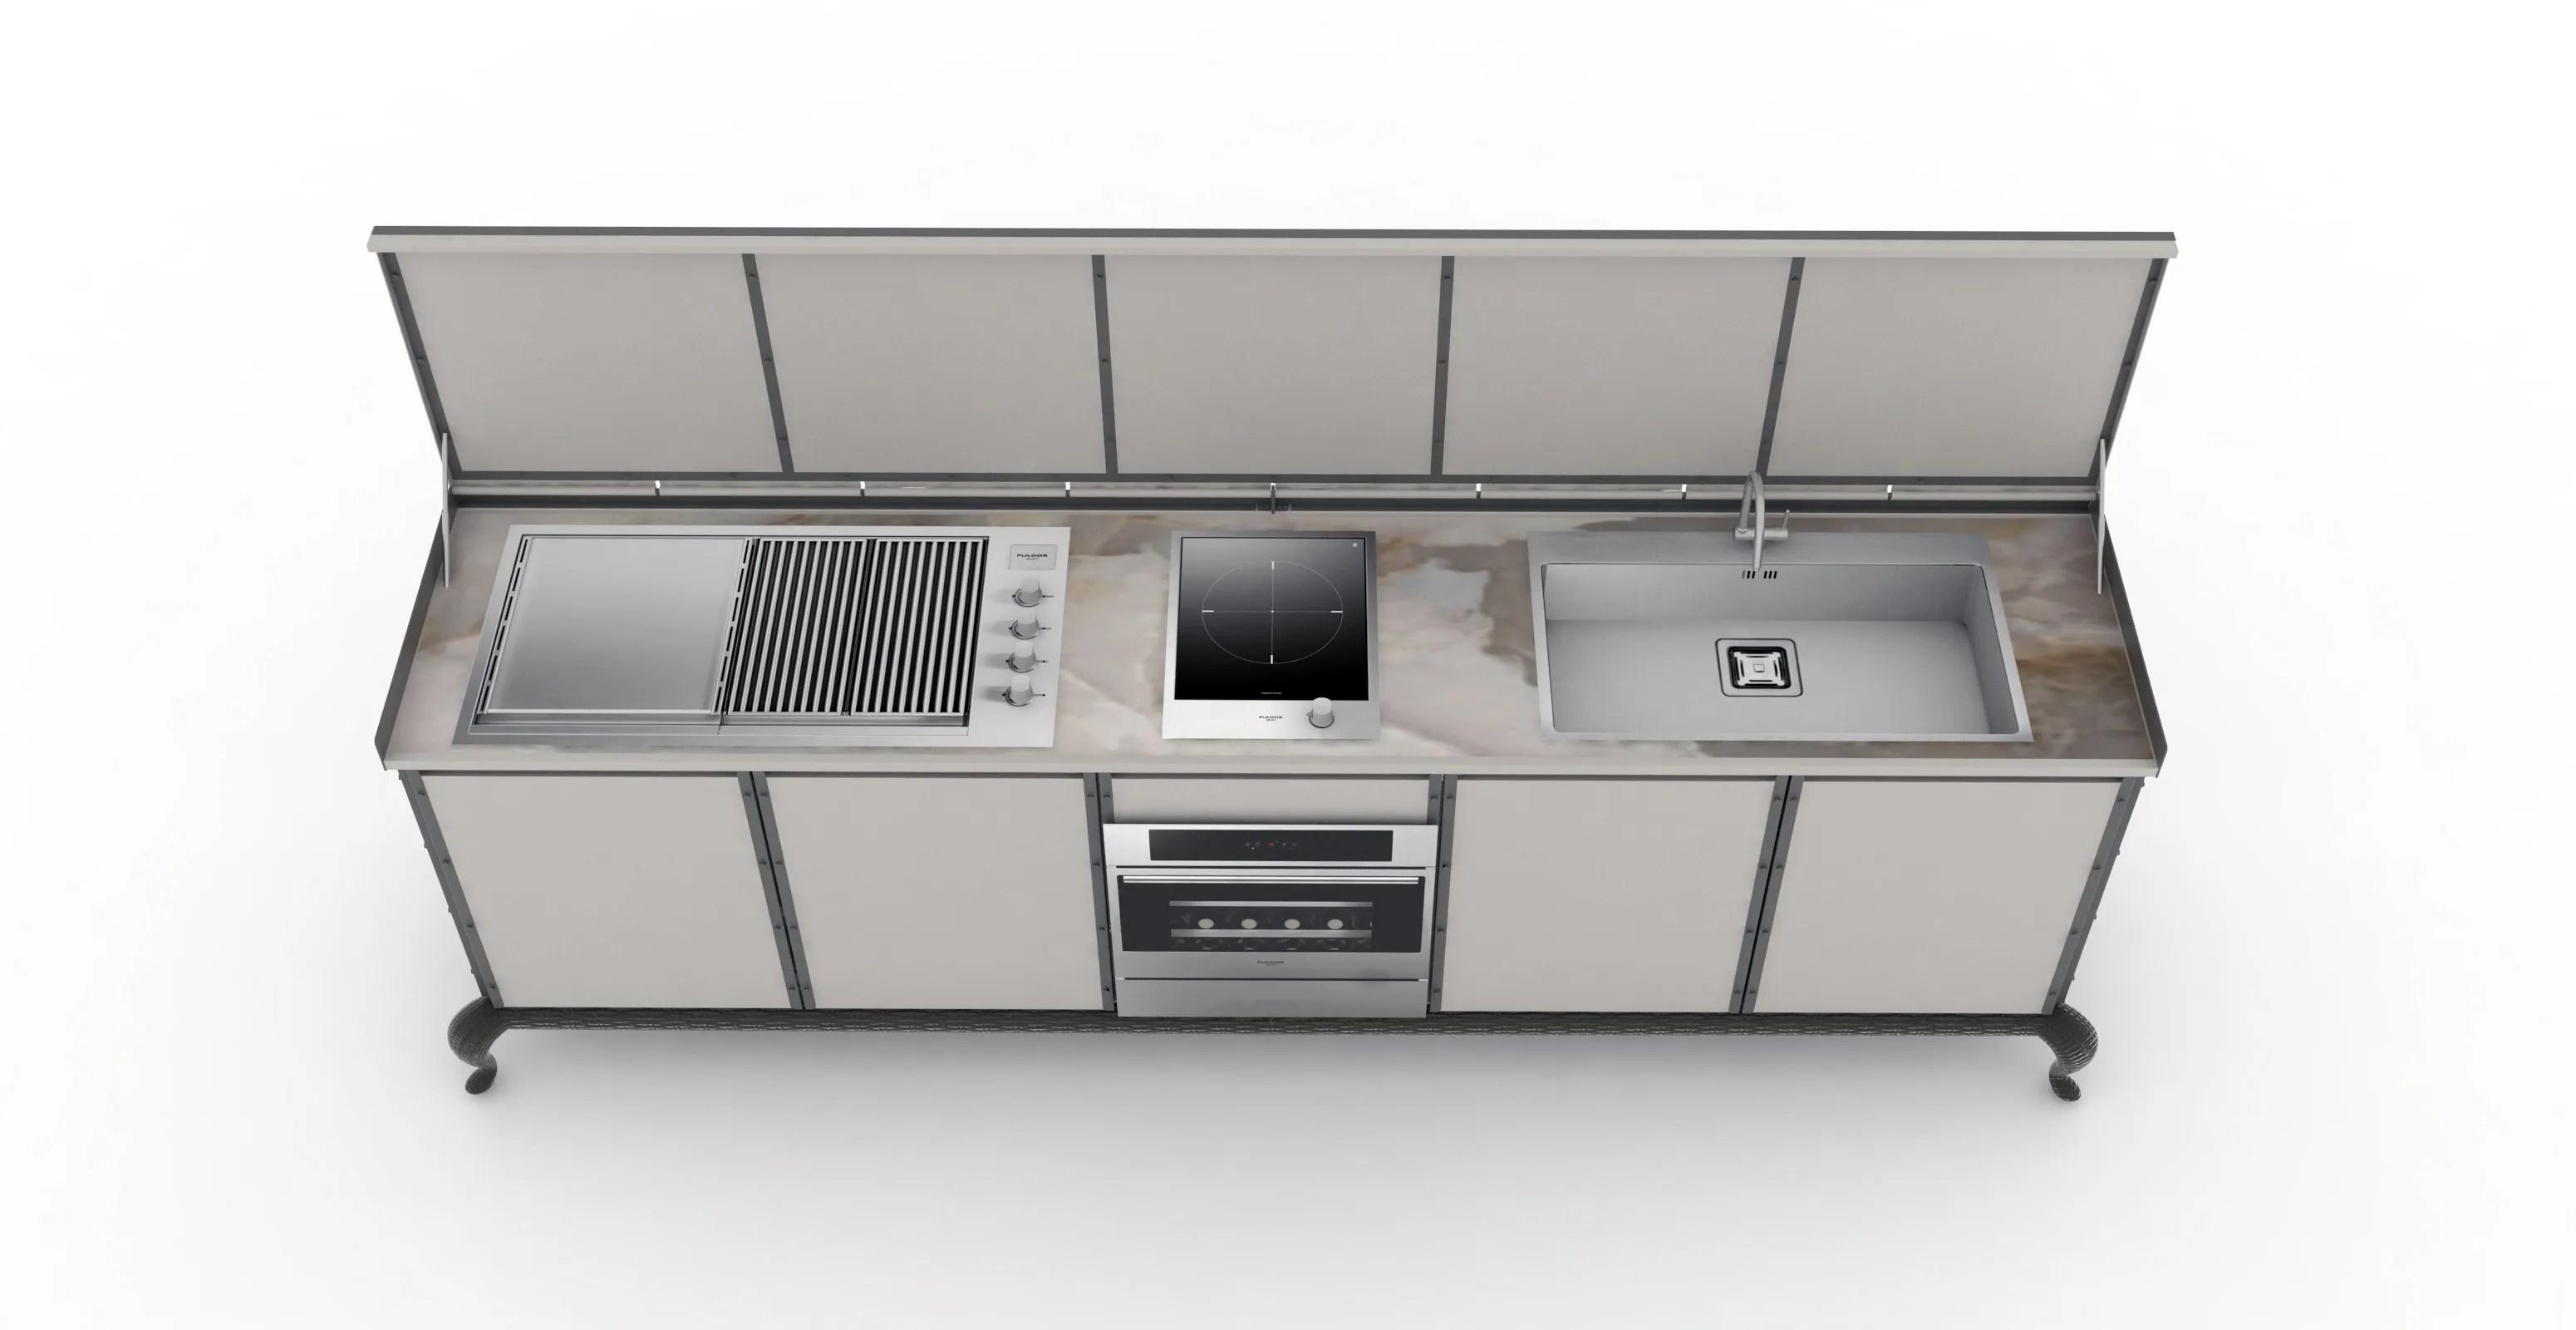 Outdoorküche Mit Kühlschrank Haltbar : Outdoor küche pdf beefeater outdoorküche kühlschrank mit doppeltür